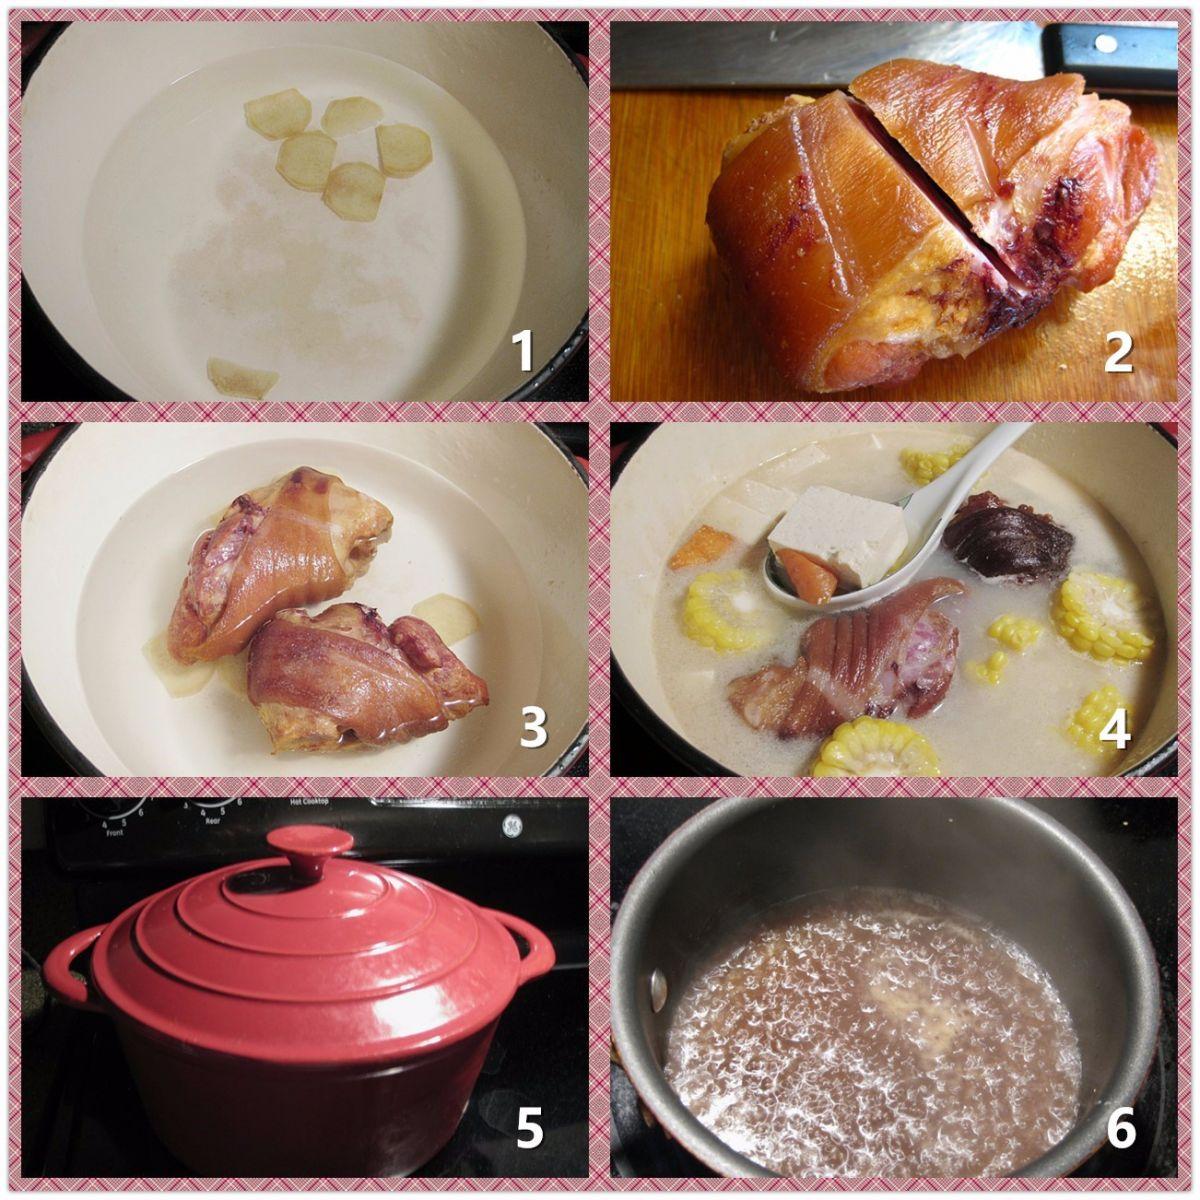 咸猪手豆腐玉米汤_图1-2